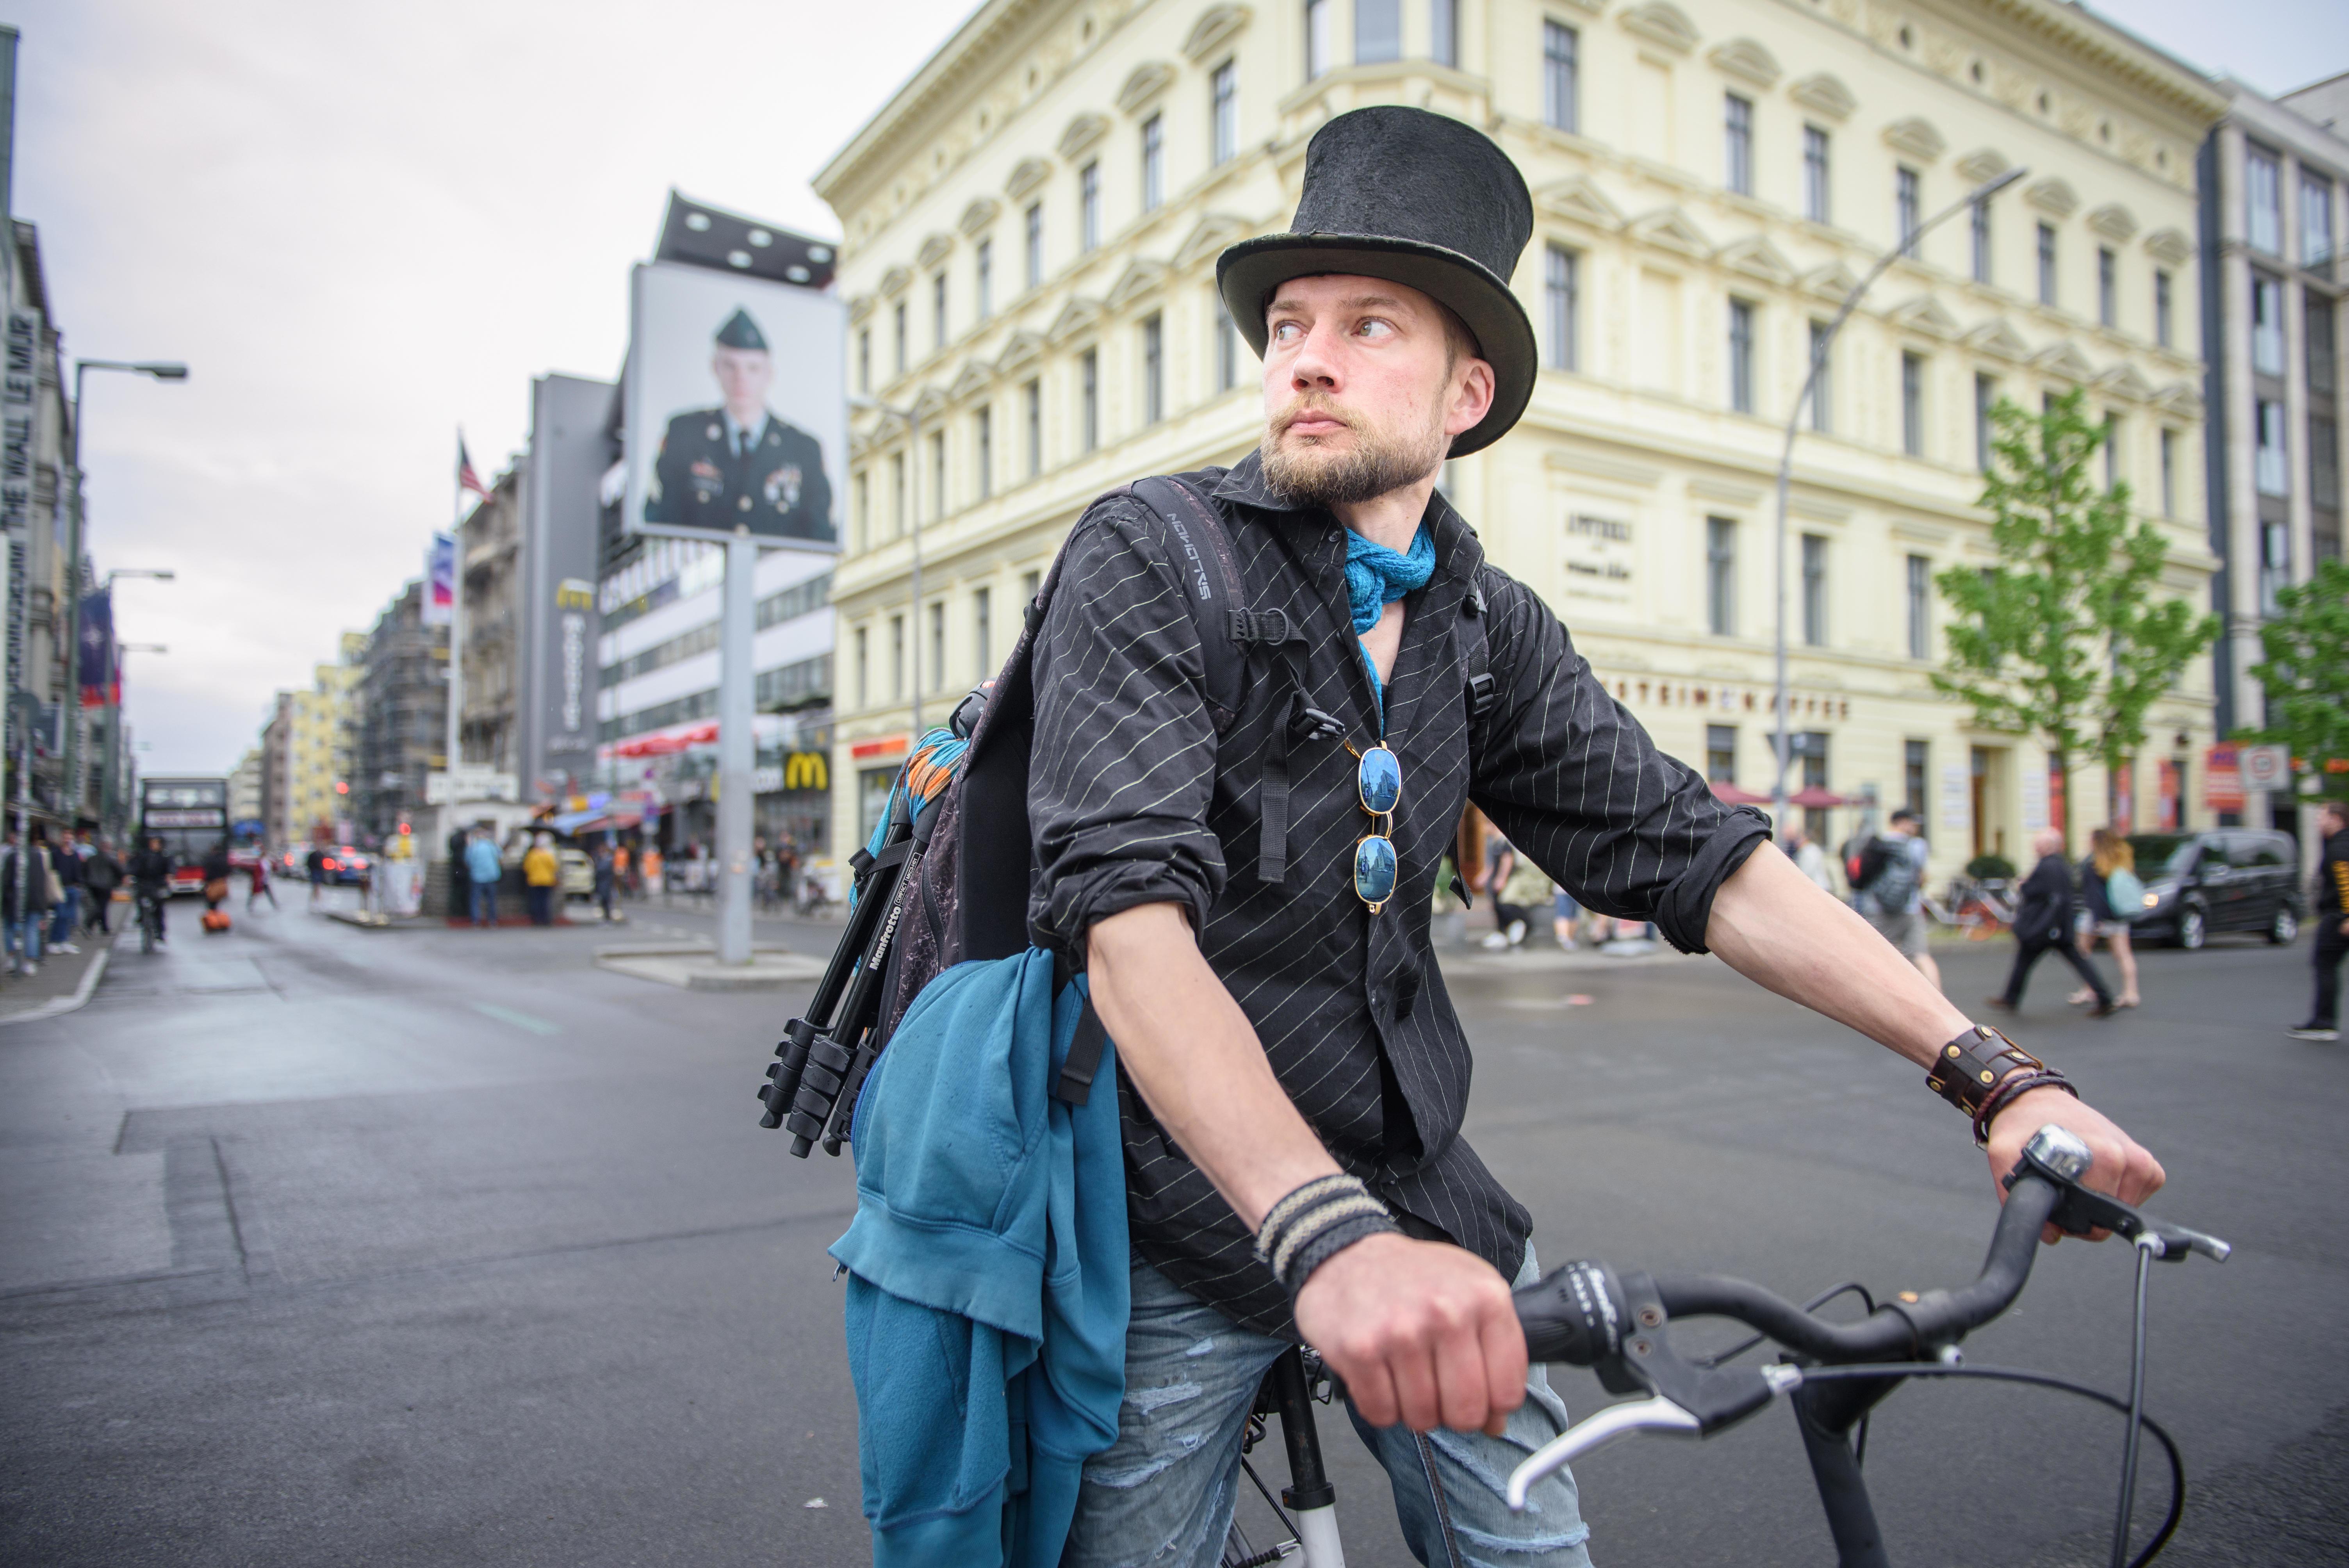 Finne berichtet, wie das Grundeinkommen sein Leben verändert hat: